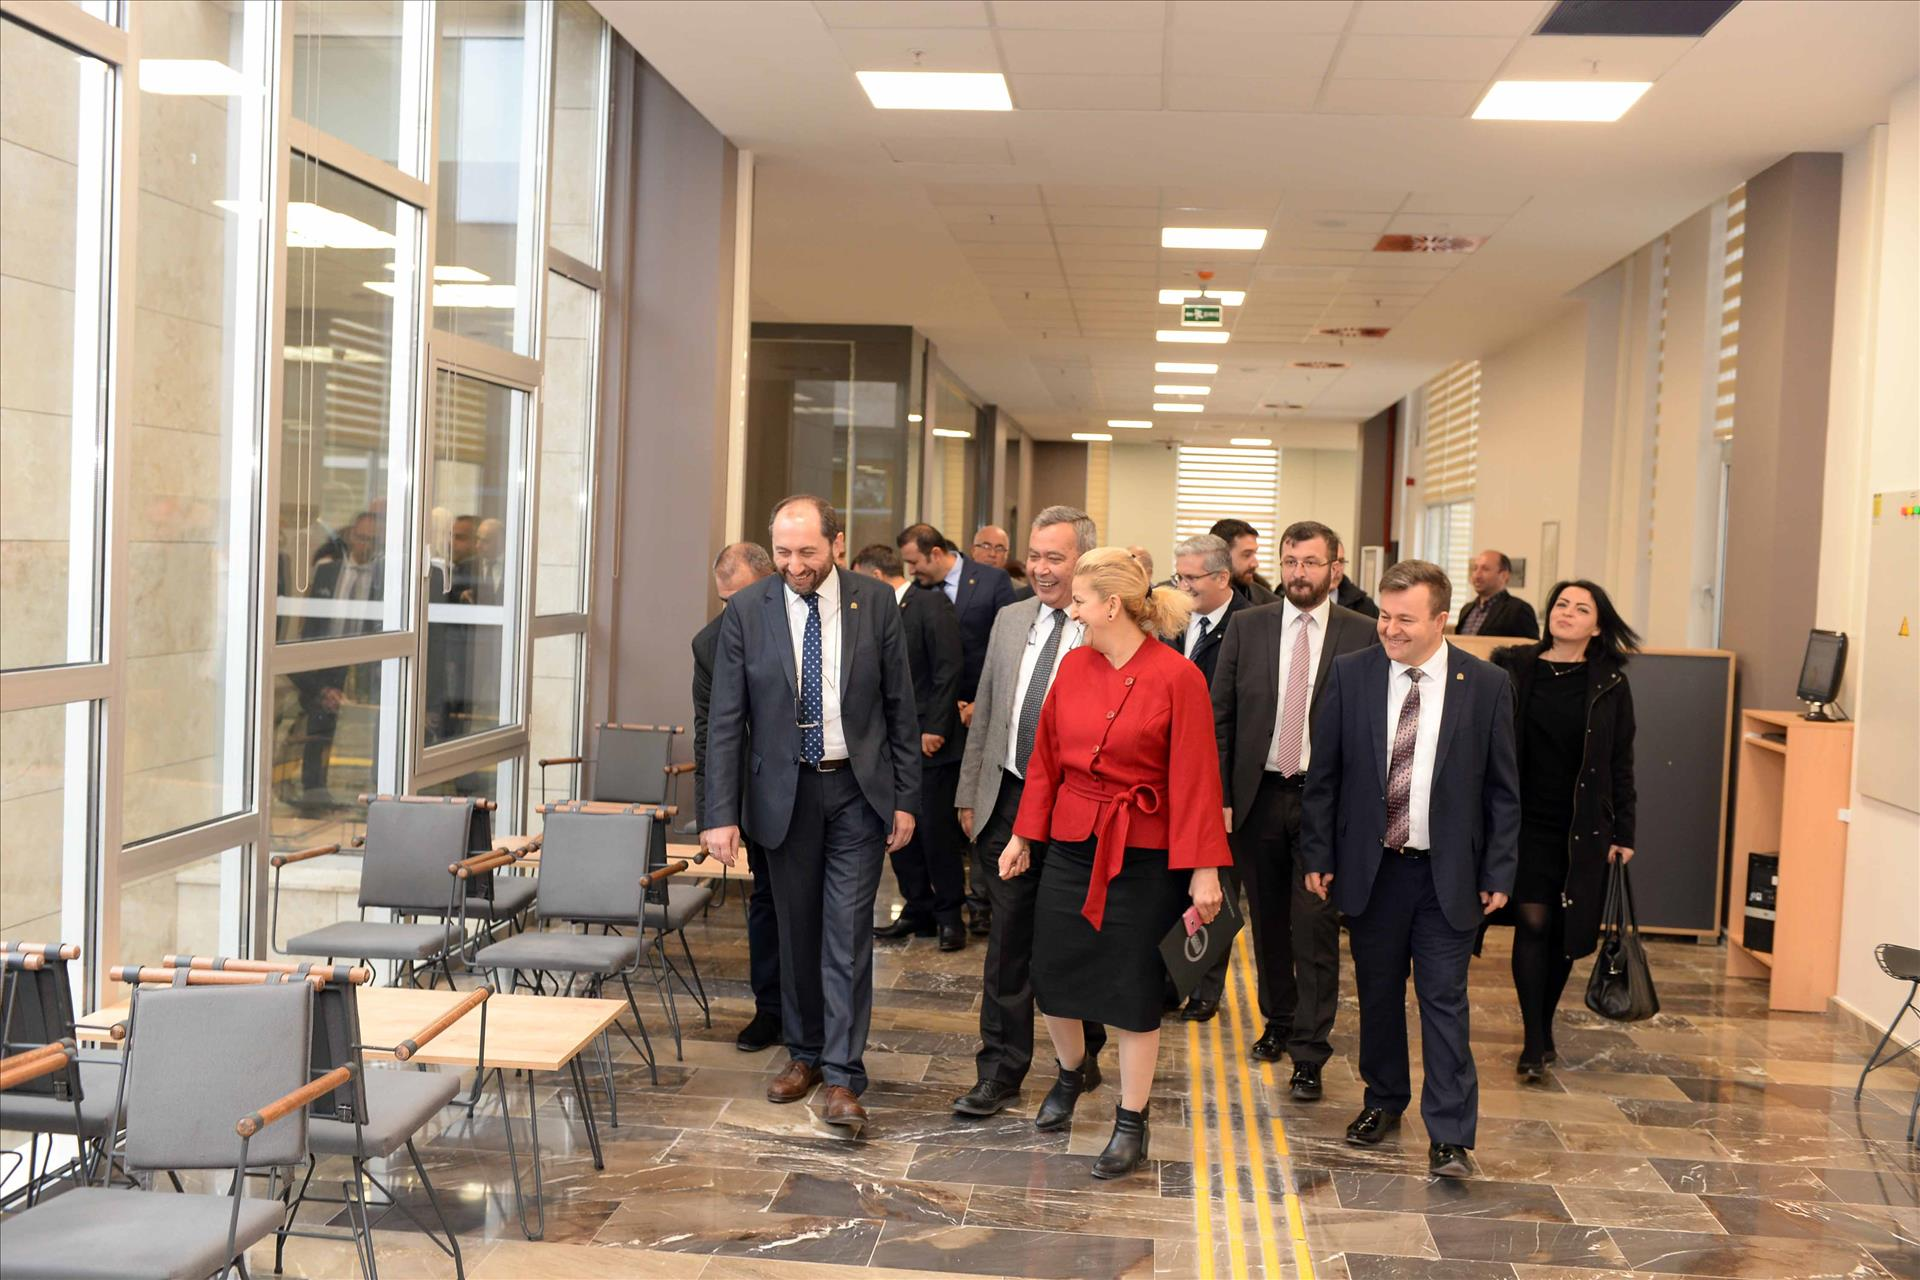 Kütüphanemiz Sosyal Yaşam ve Kültür Merkezi'nde Hizmet Vermeye Başladı